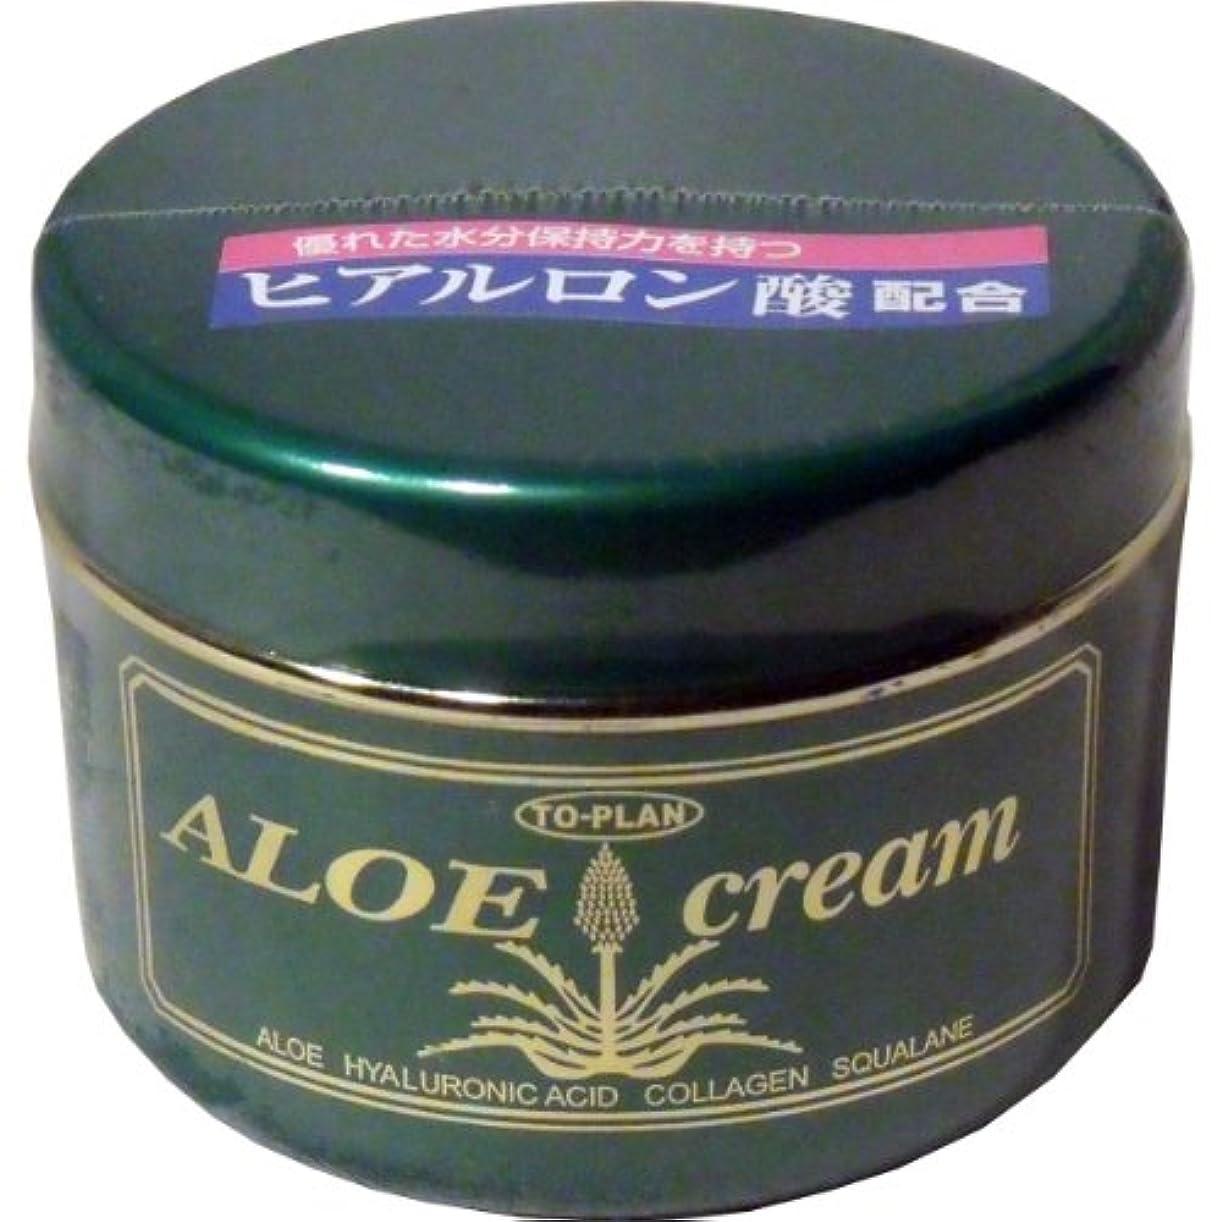 に渡って植生後方トプラン ハーブフレッシュクリーム(アロエクリーム) ヒアルロン酸 170g ×3個セット